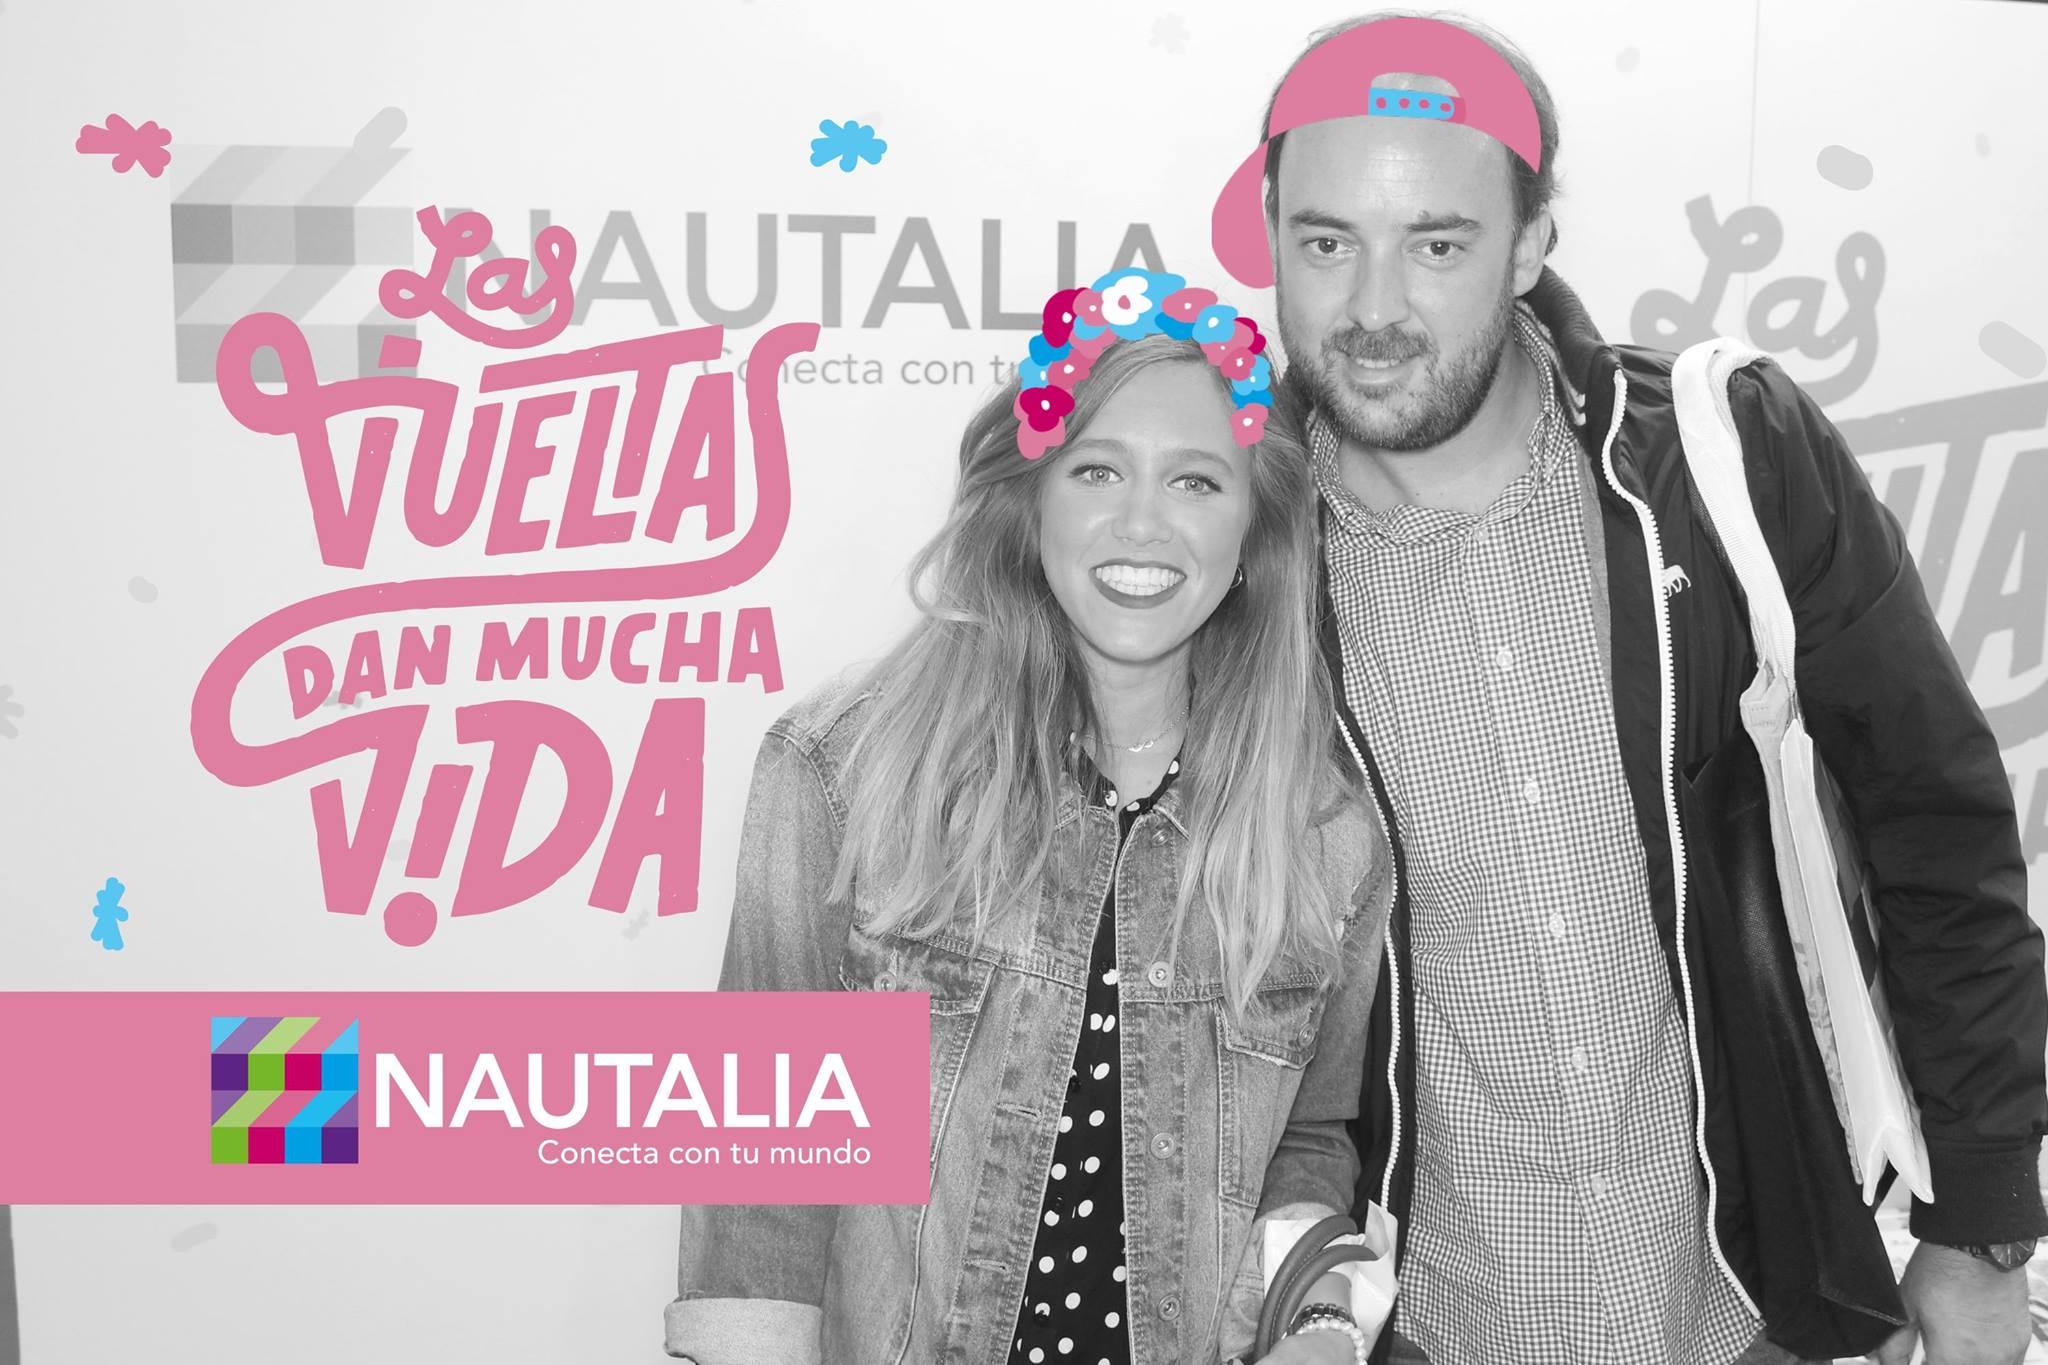 nautalia_9